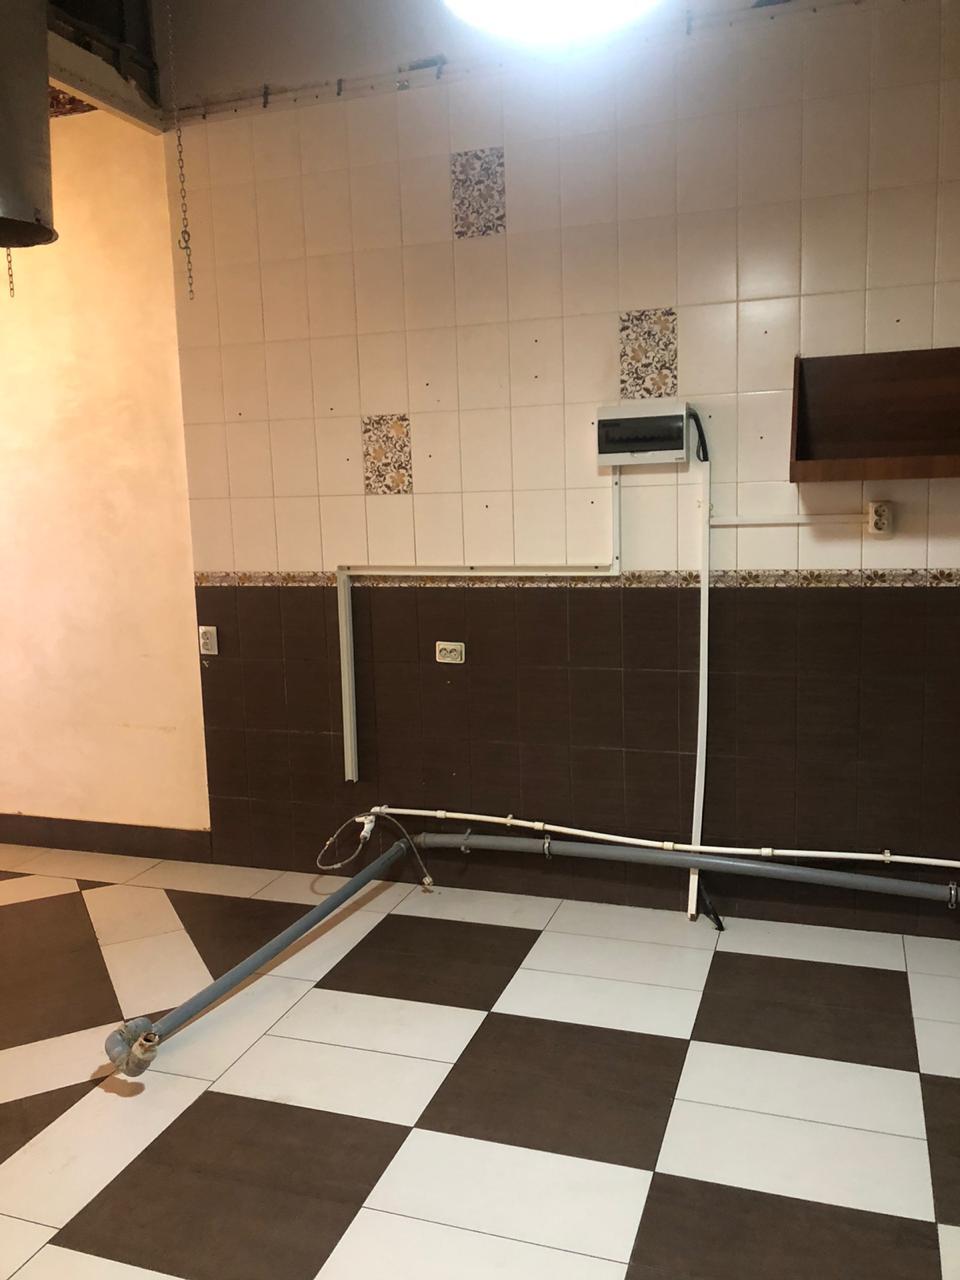 Free Purpose в аренду по адресу Россия, Ставропольский край, Ставрополь, Пирогова ул.98